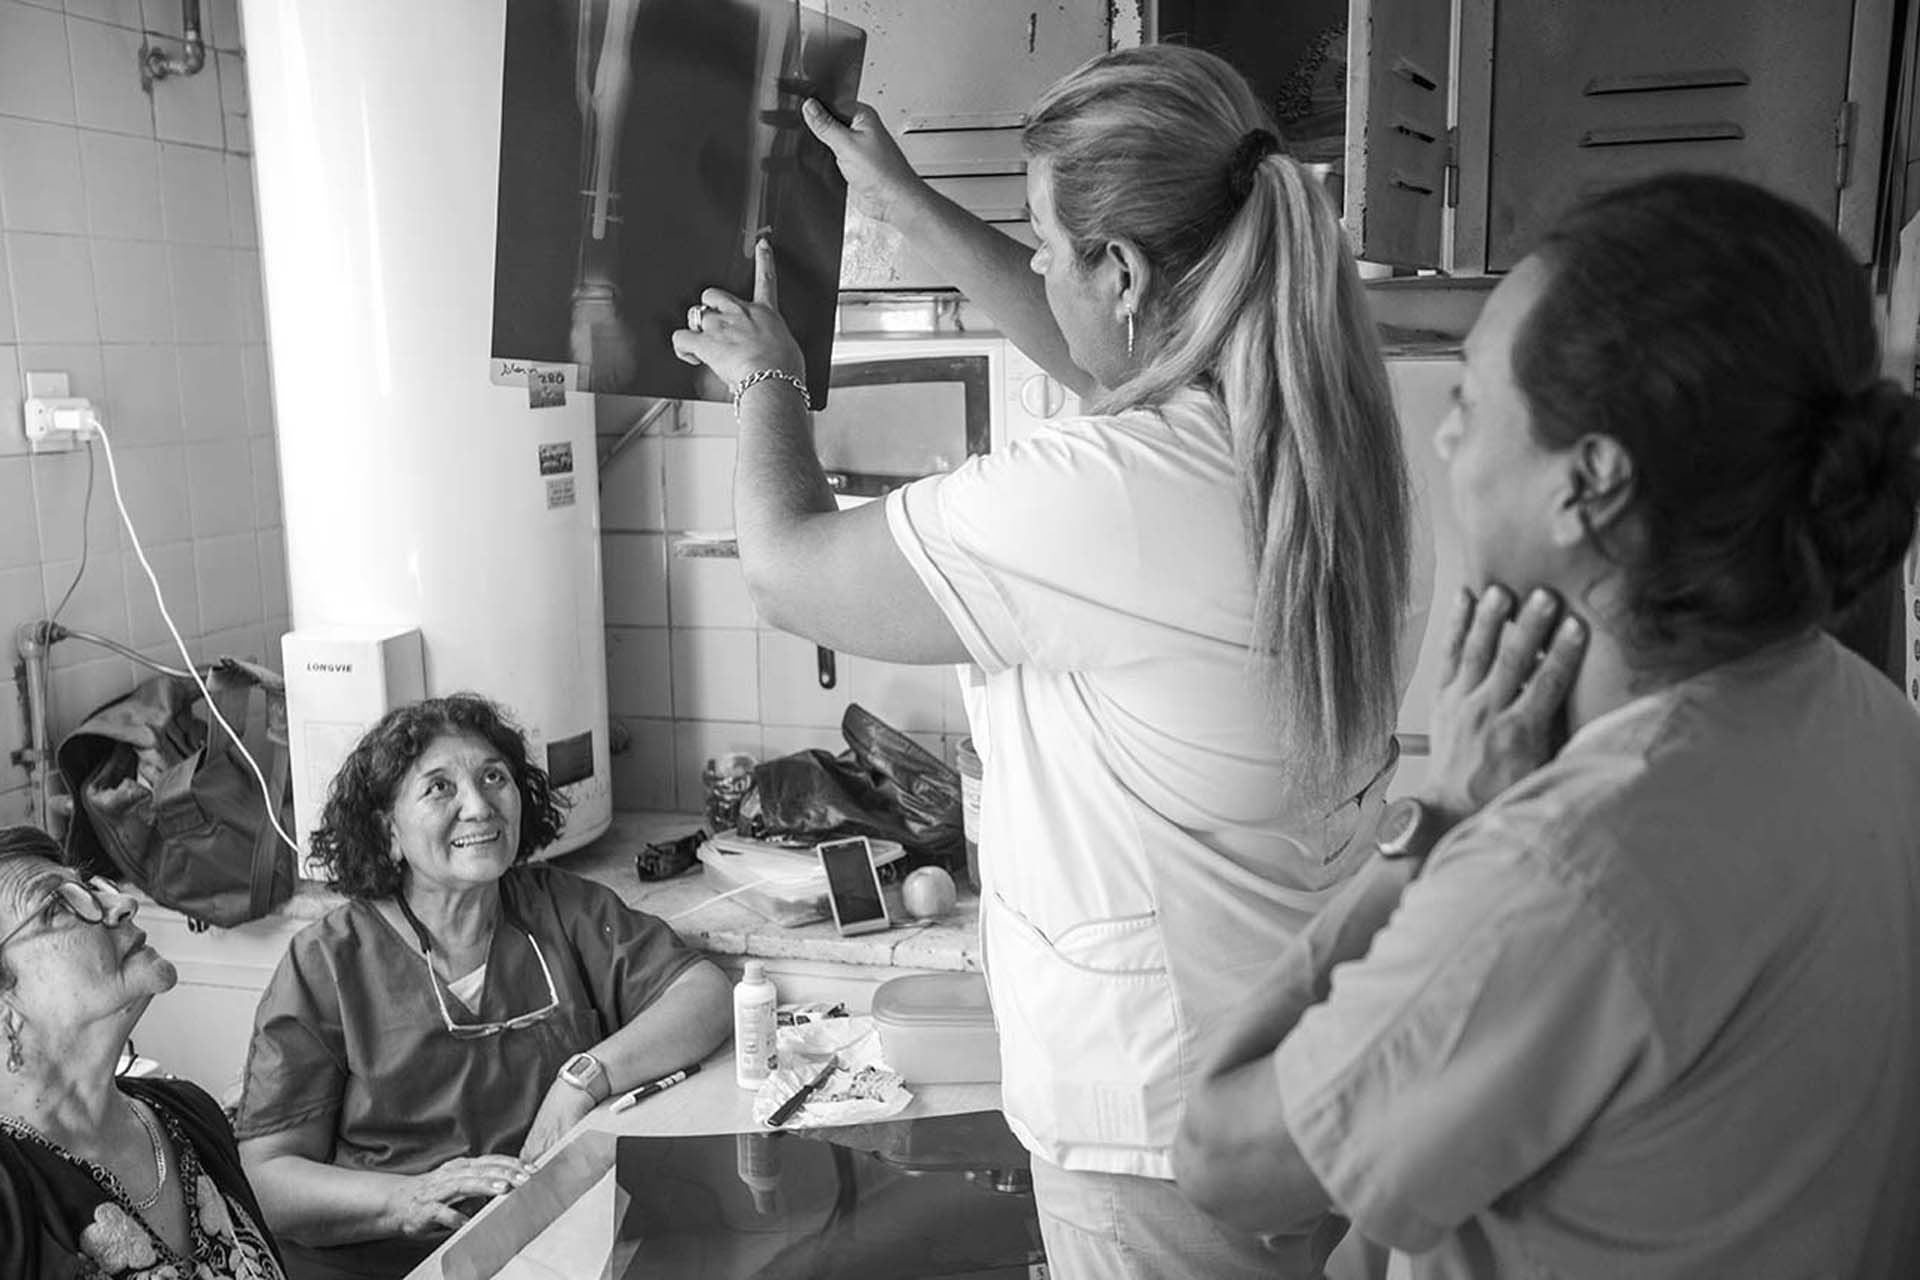 Serena trabaja como enfermera